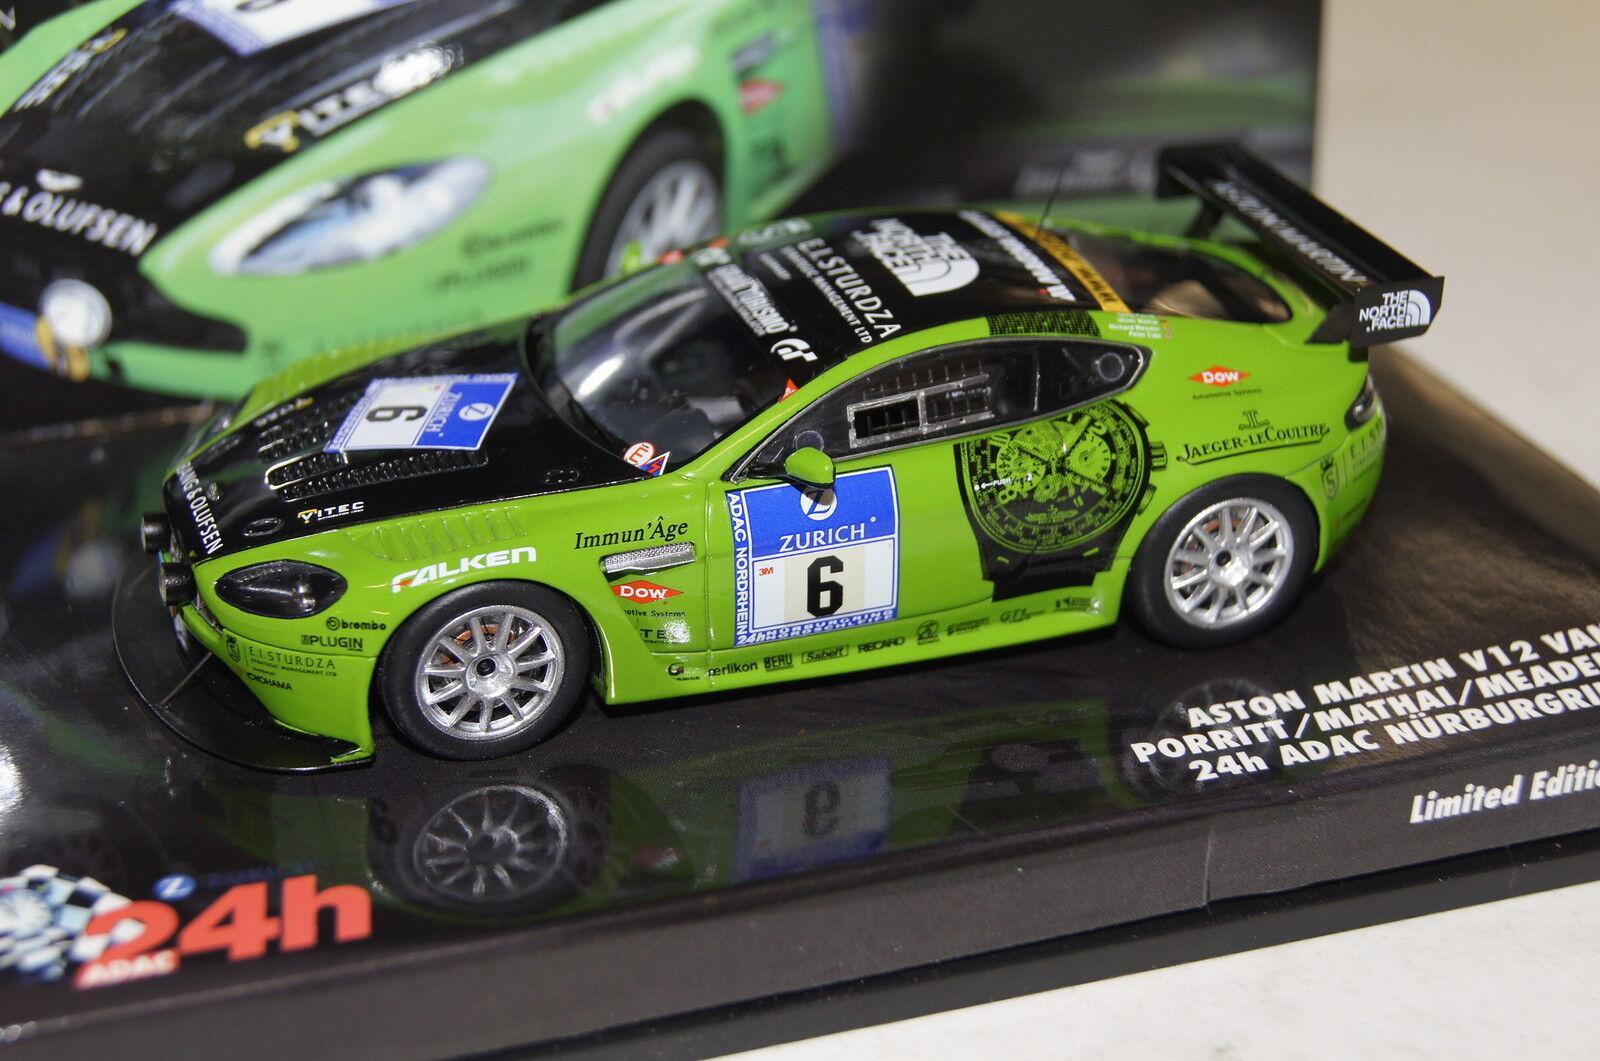 Aston Martin v12 Vantage n24 Green 1 43 Minichamps NEW + OVP 437101306